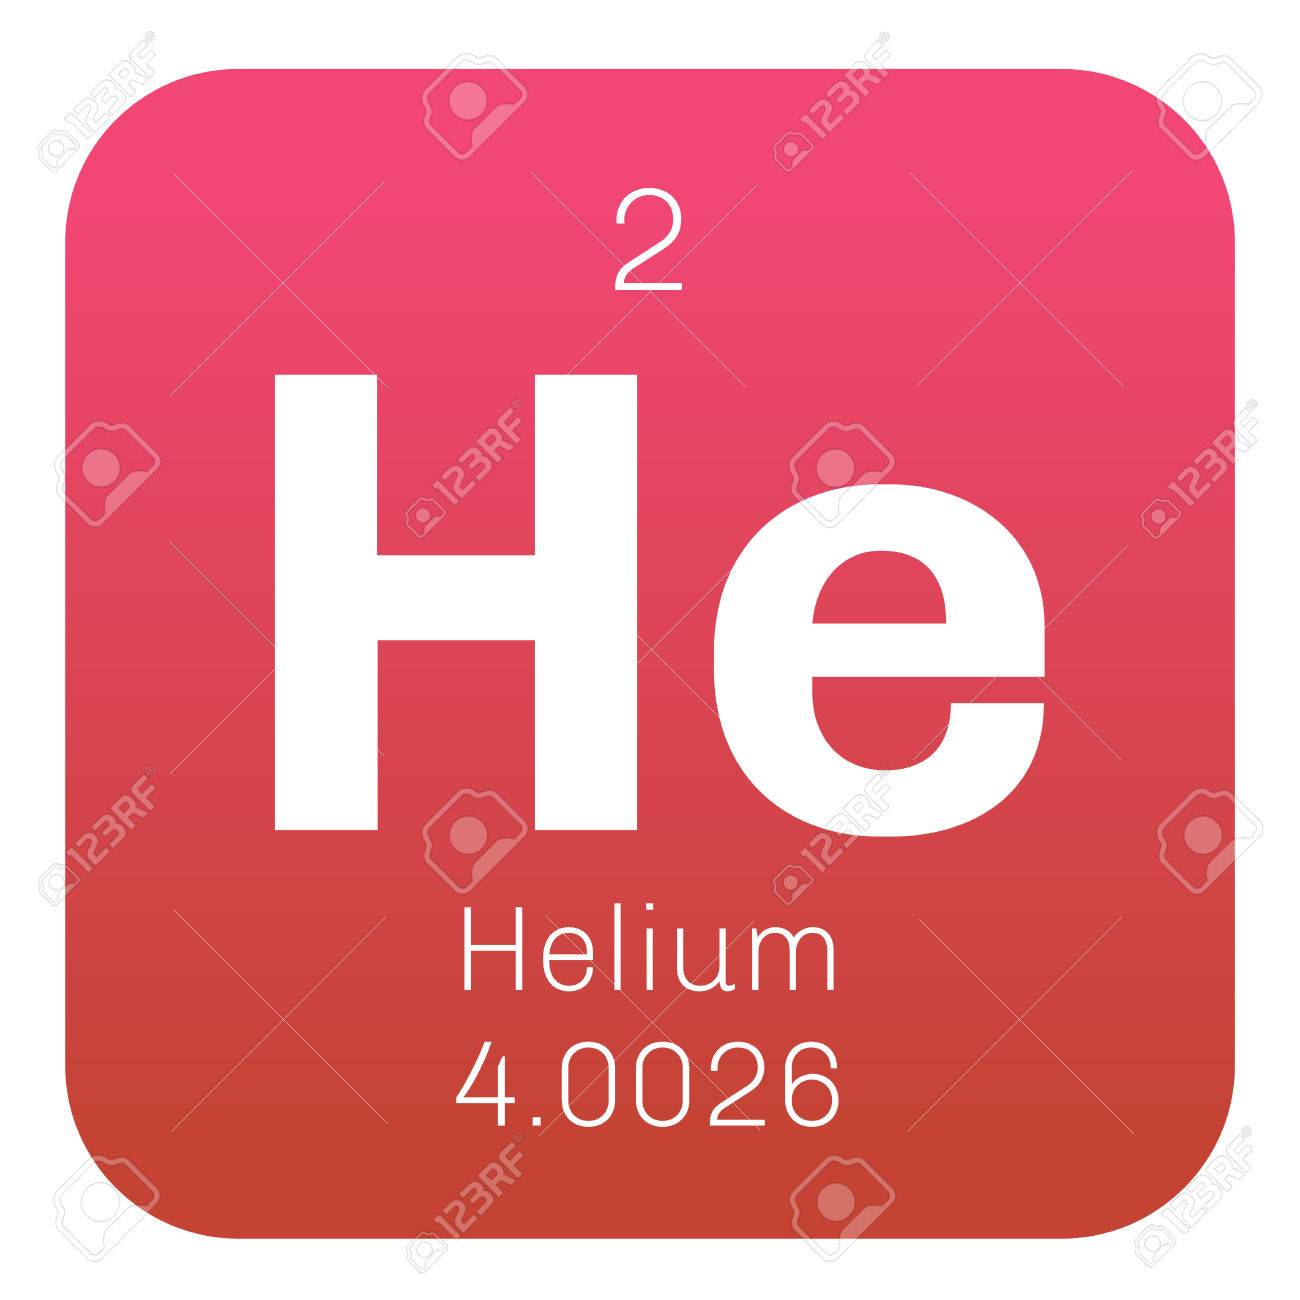 Elemento qumico helio el helio es un gas incoloro inodoro elemento qumico helio el helio es un gas incoloro inodoro inspido no urtaz Gallery